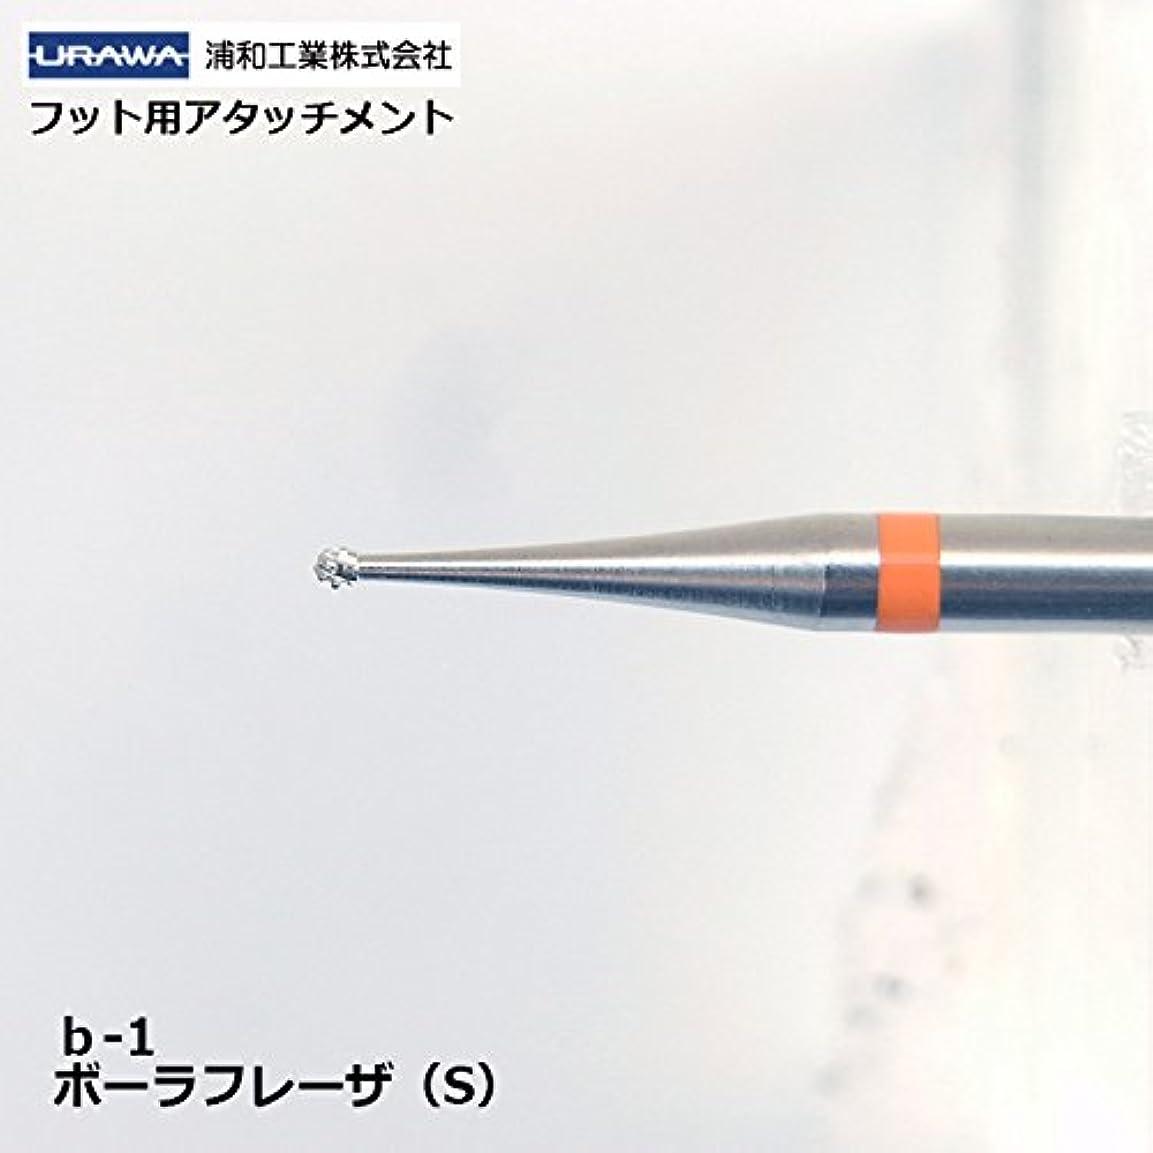 管理する刺激する主張する【URAWA】ボーラフレーザーS(b-1)【フット用アタッチメント】